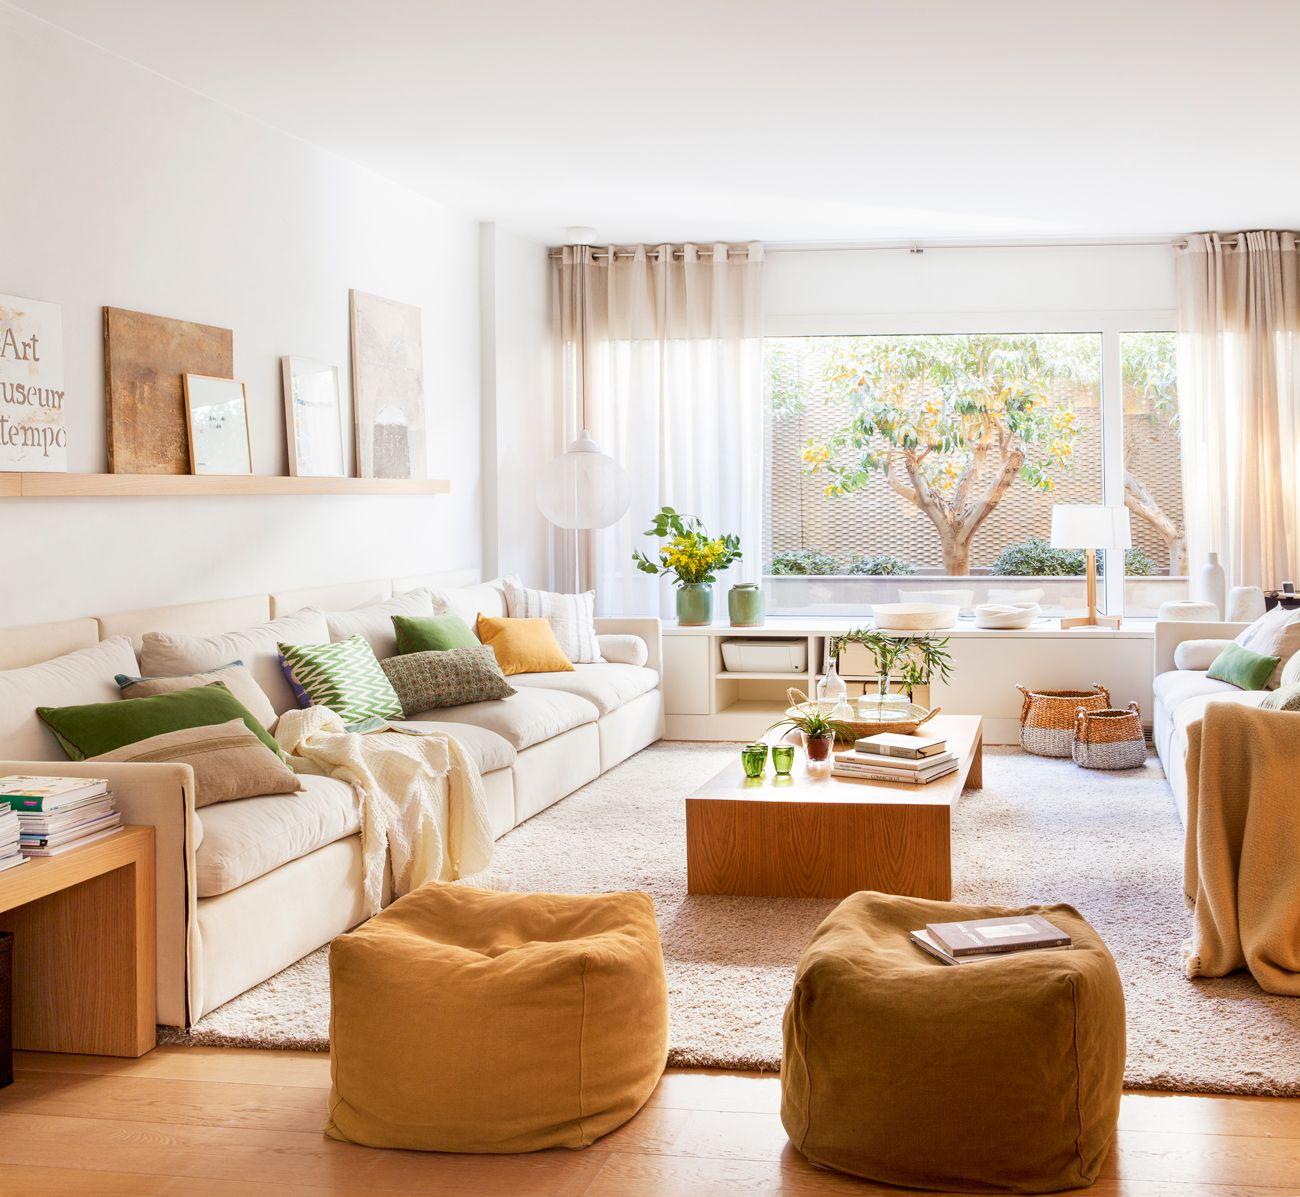 Los grandes muebles bajos salones modernos y acogedores for Muebles bajos para salon